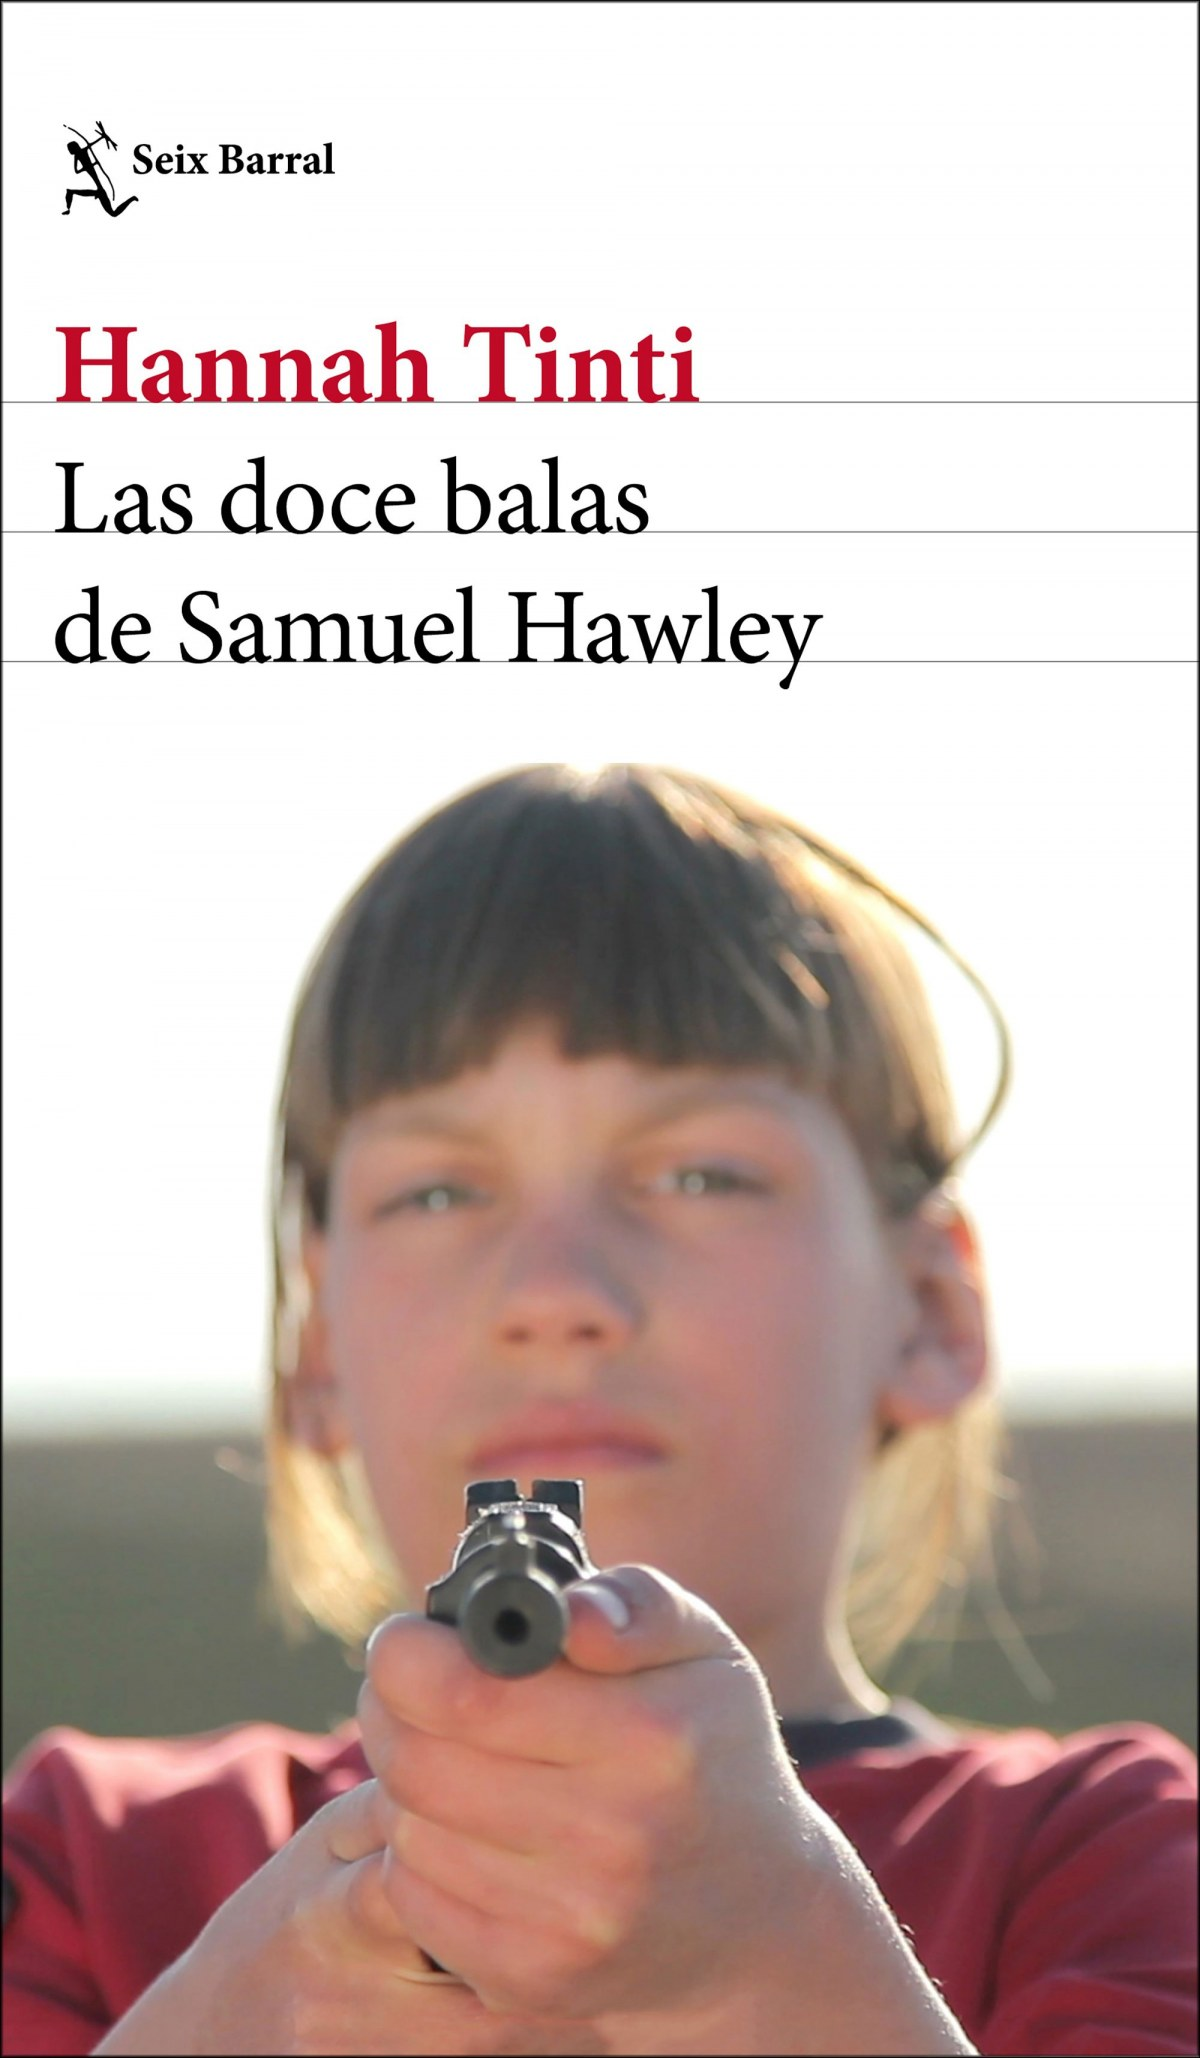 LAS DOCE BALAS DE SAMUEL HAWLEY 9788432233746